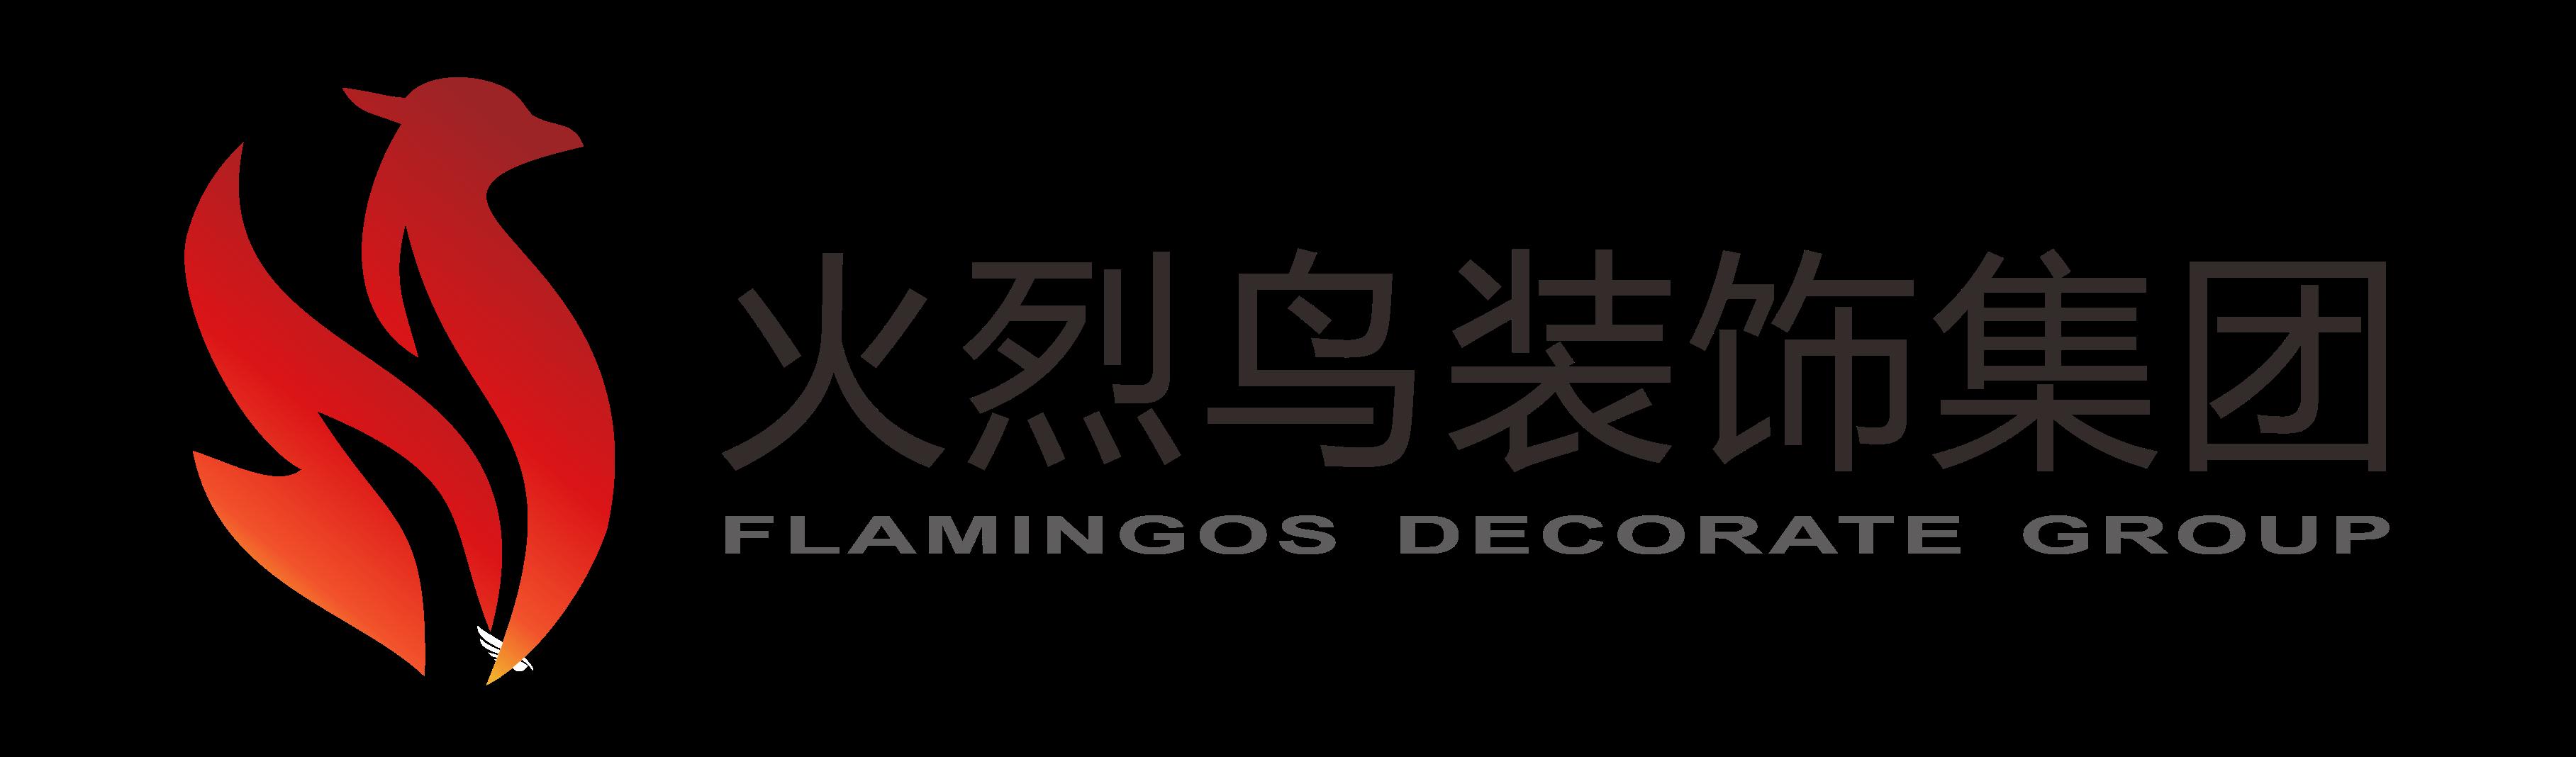 广西火烈鸟装饰工程有限公司